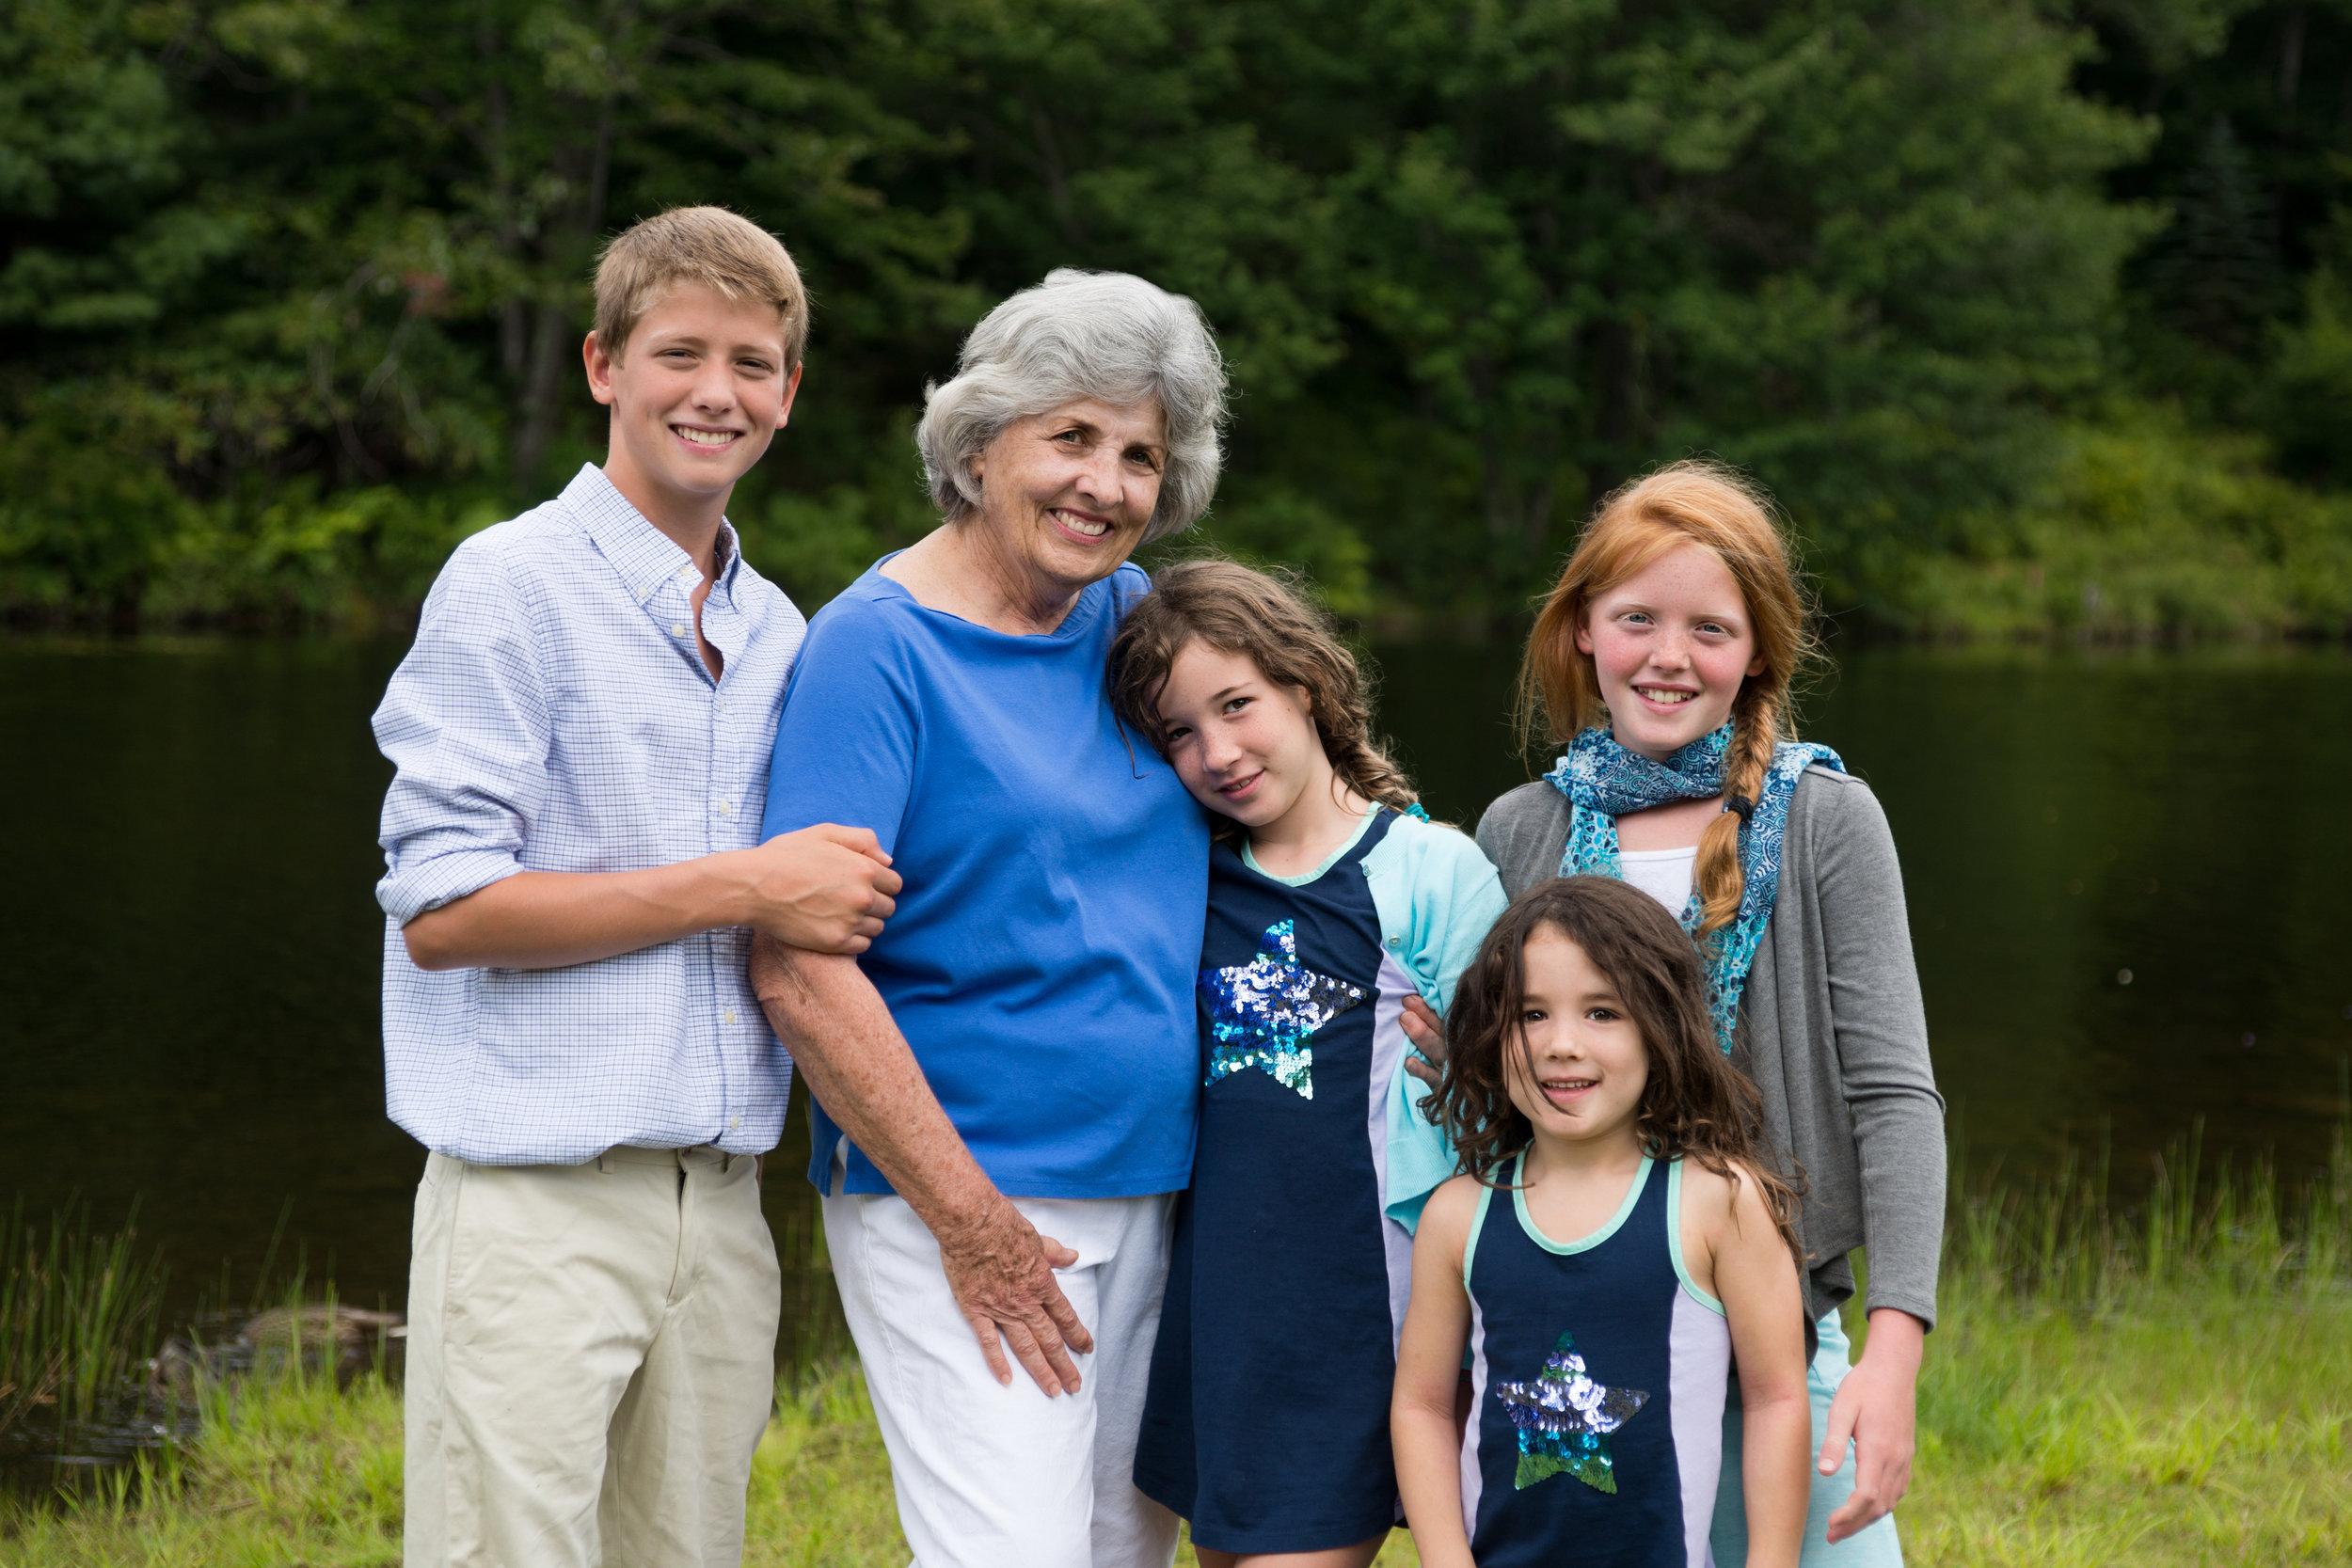 Davis family 08.05.15-44.jpg